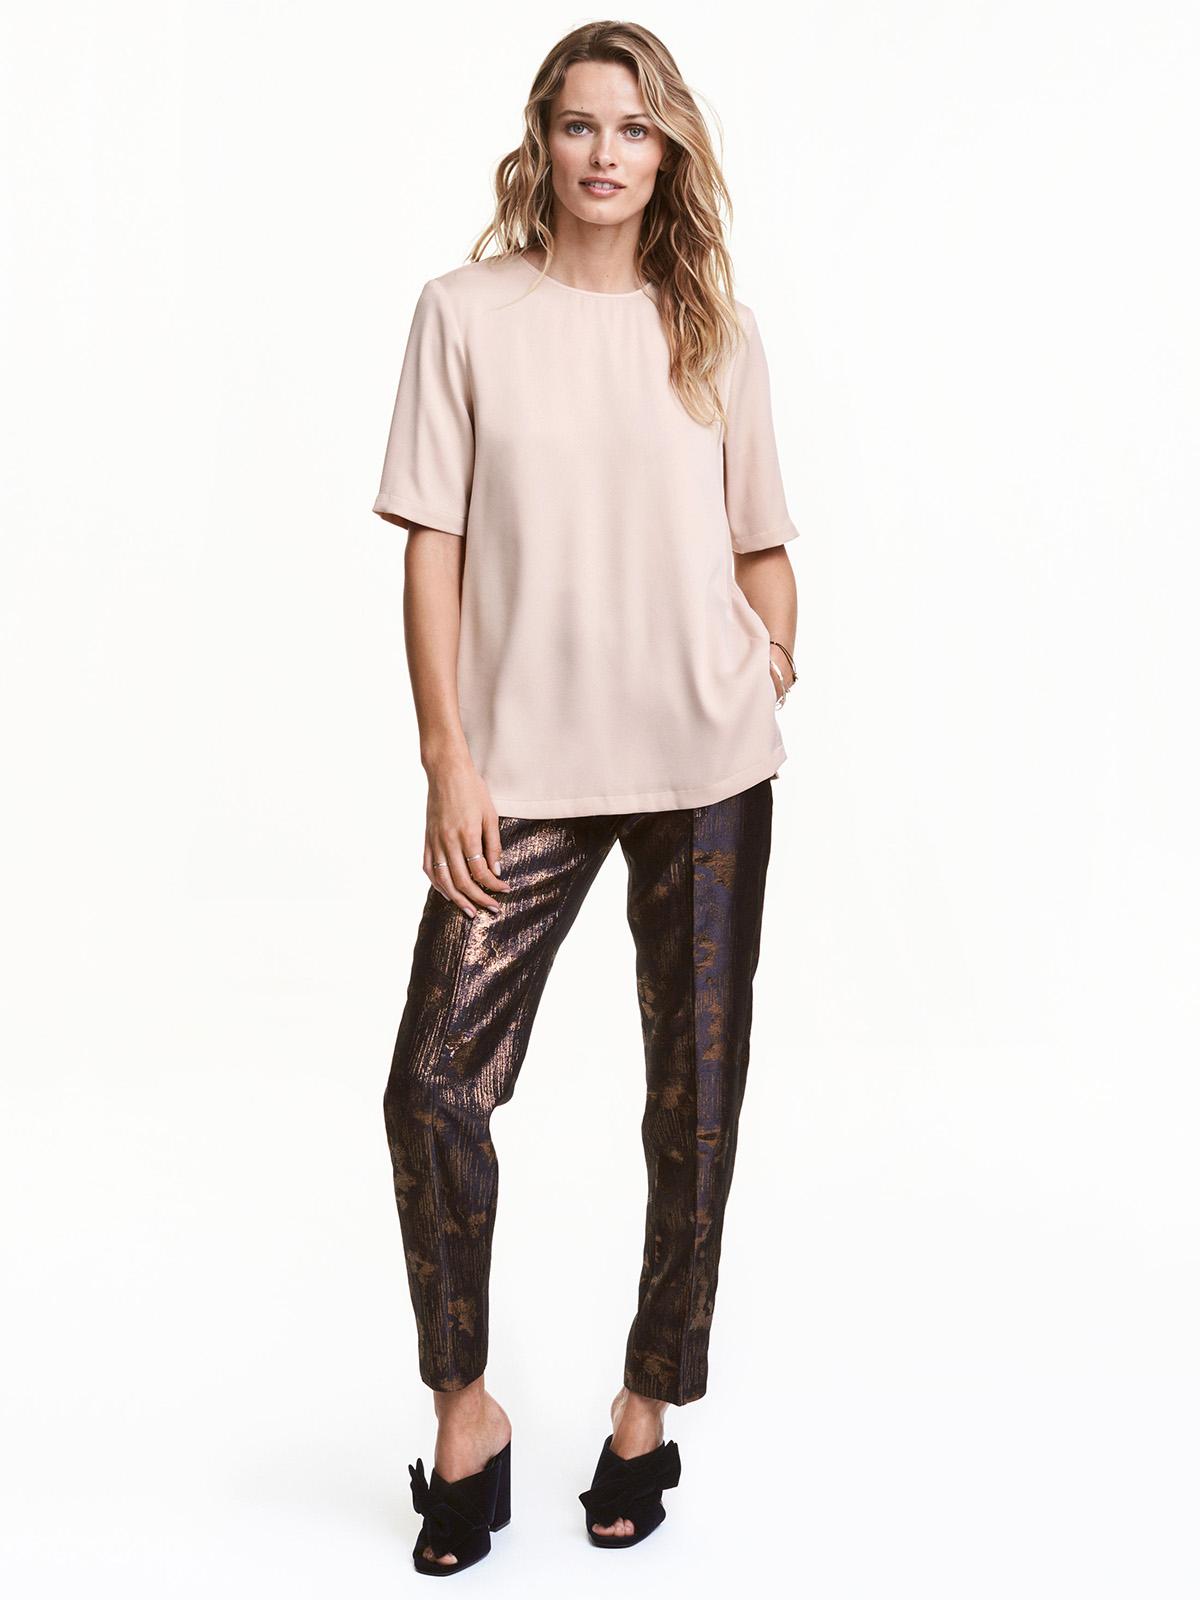 Во всём блеске. Шик, блеск, красота... Купить брюки из блестящей или со сверкающим декором ткани можно в H&M